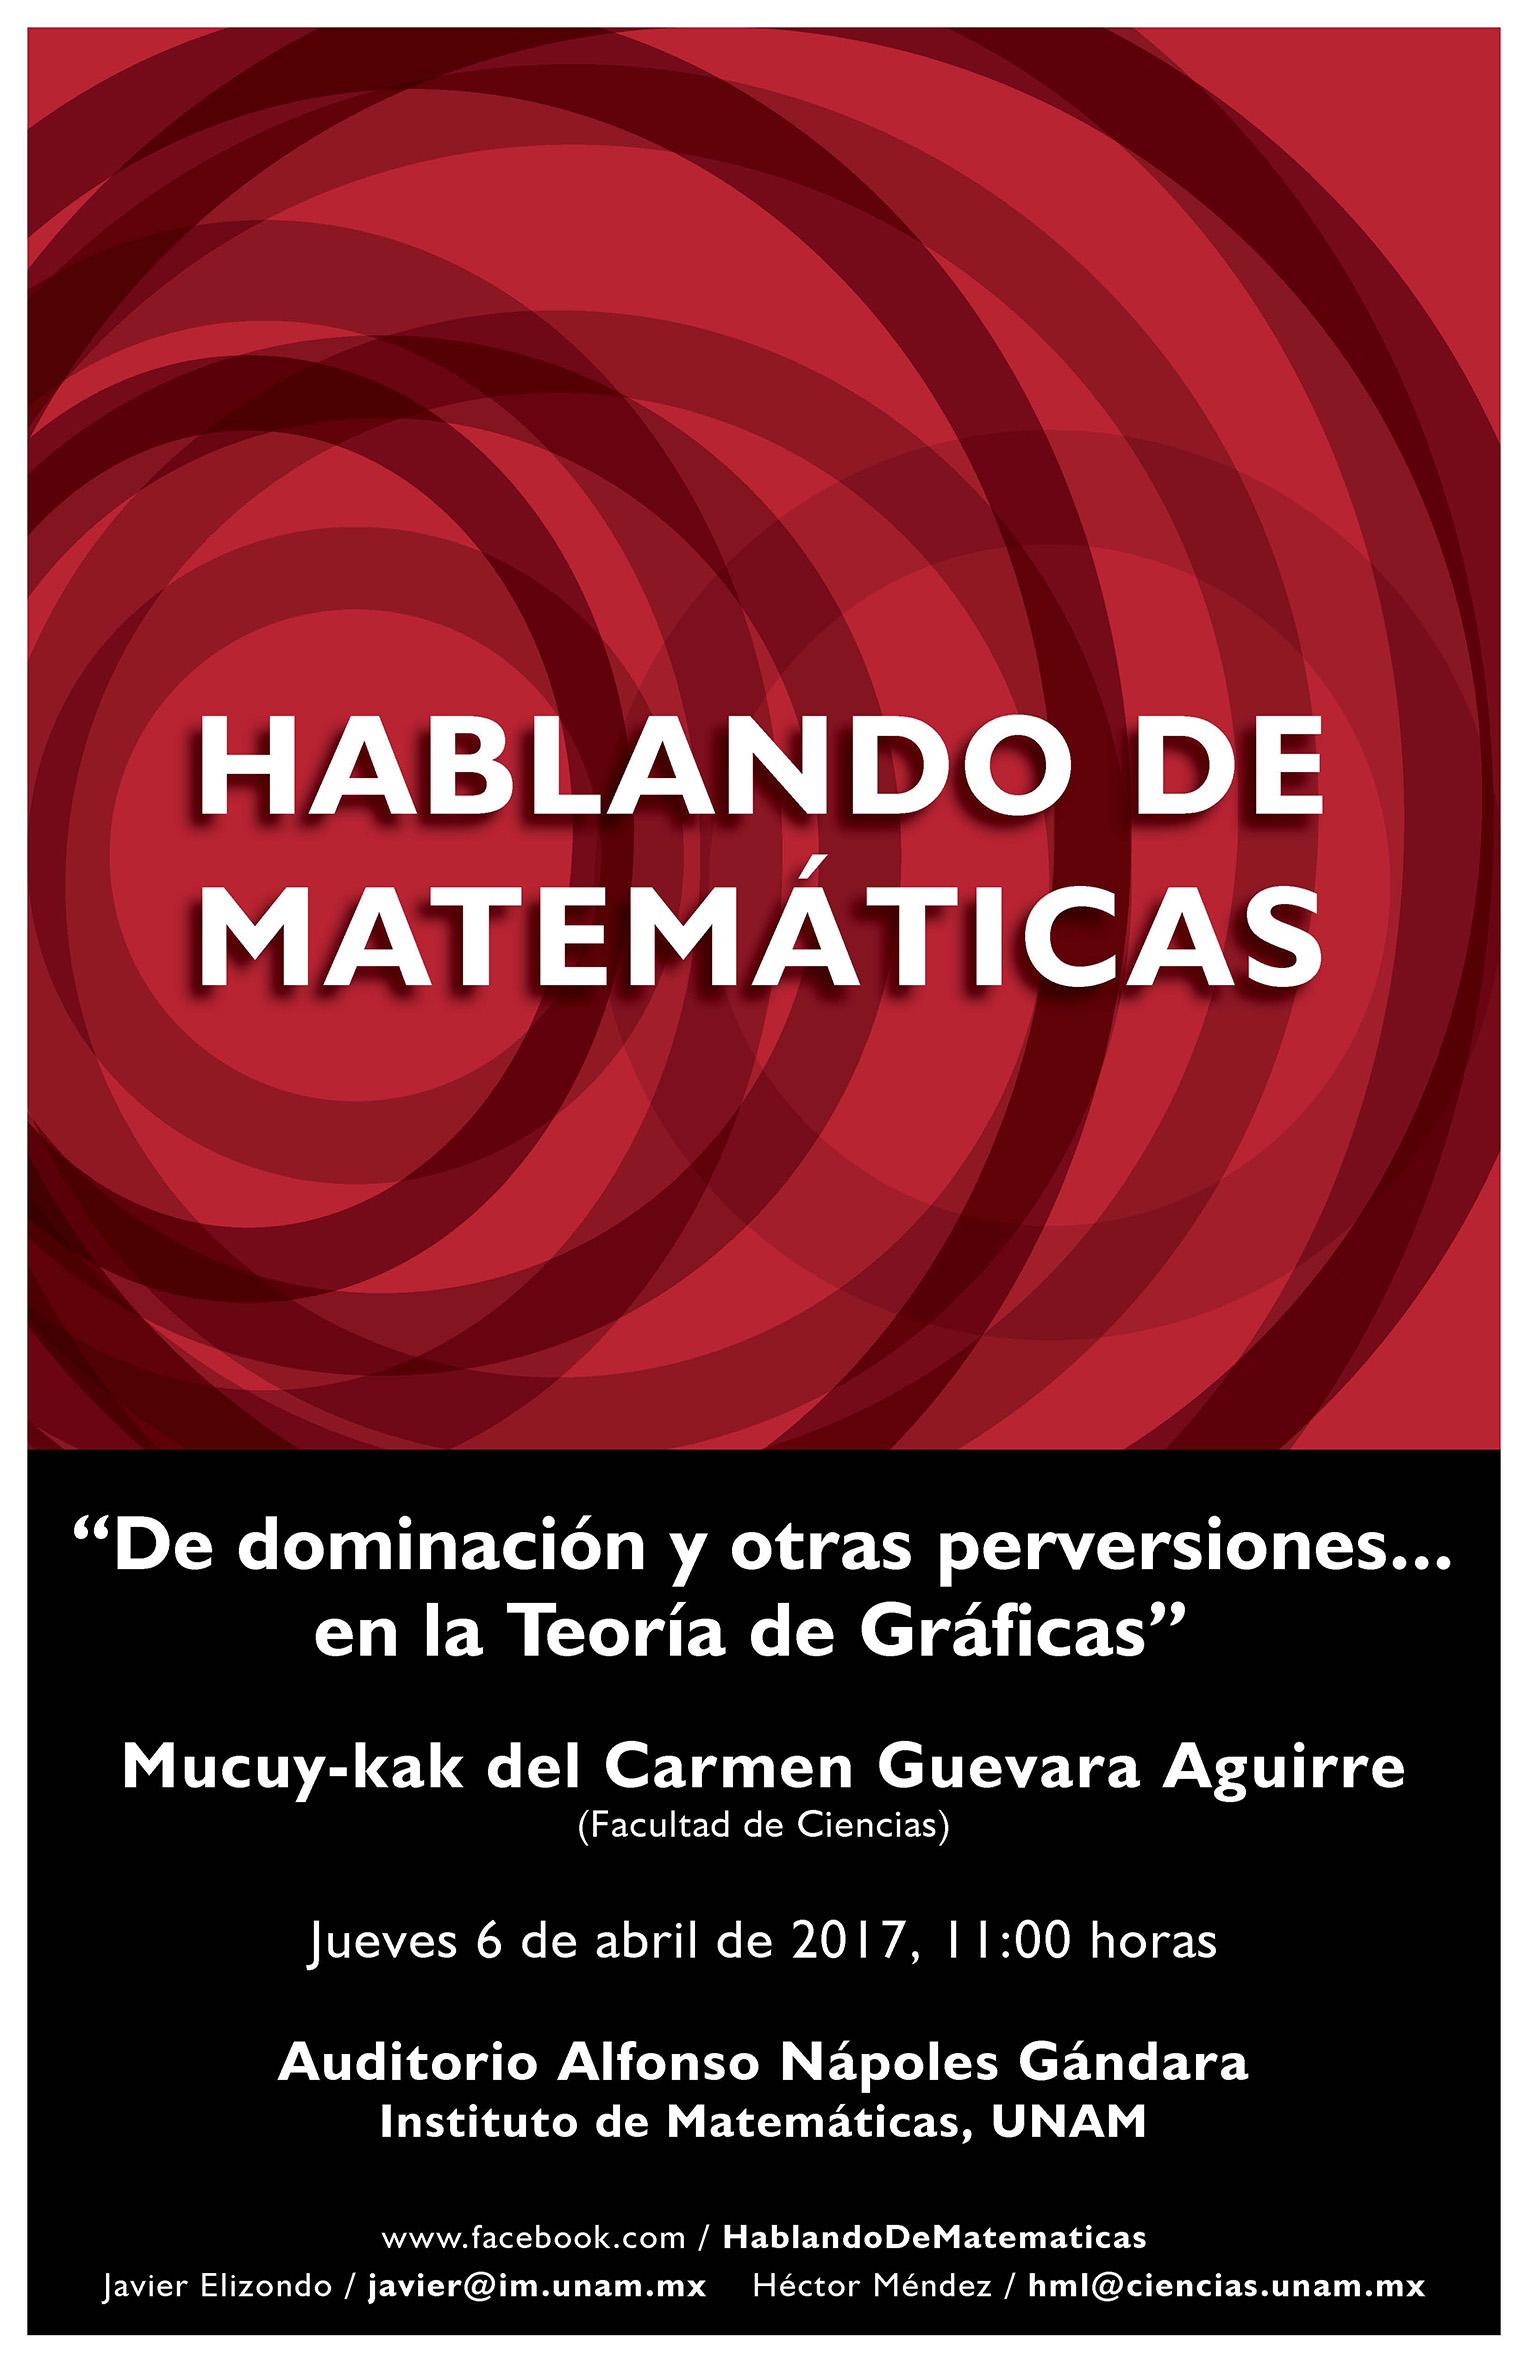 Hablando de Matemáticas: Mucuy-kak del Carmen Guevara Aguirre, Facultad de Ciencias, UNAM